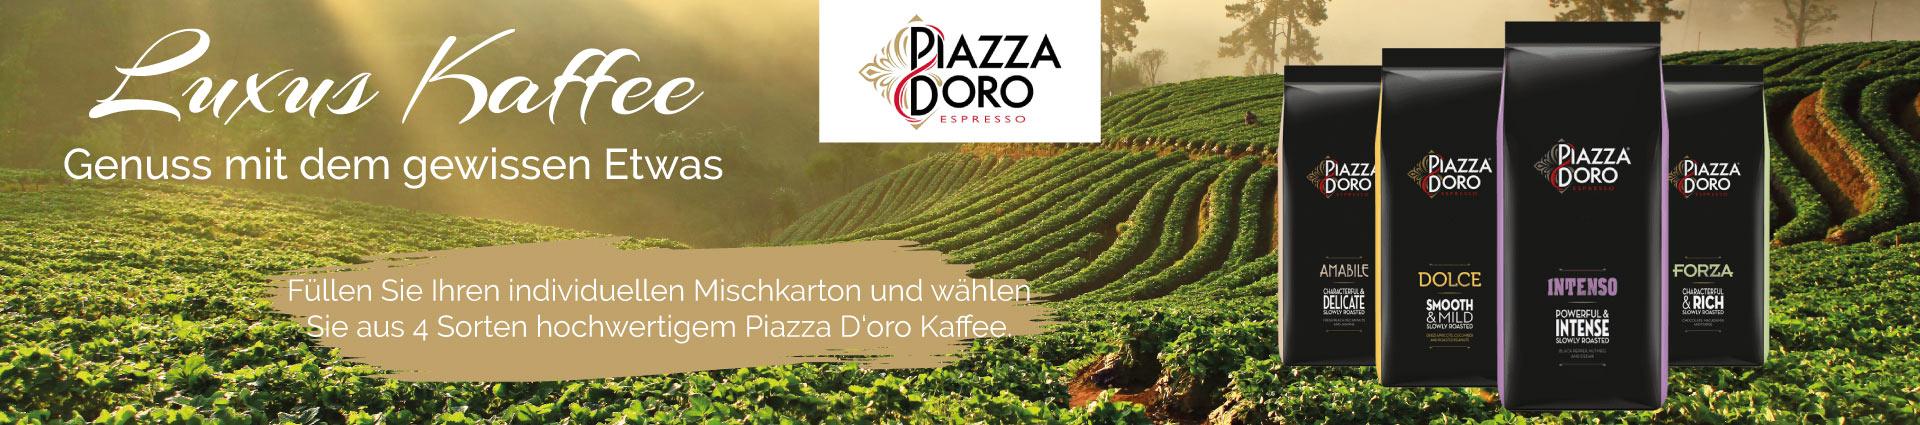 Piazza Doro DIY Banner